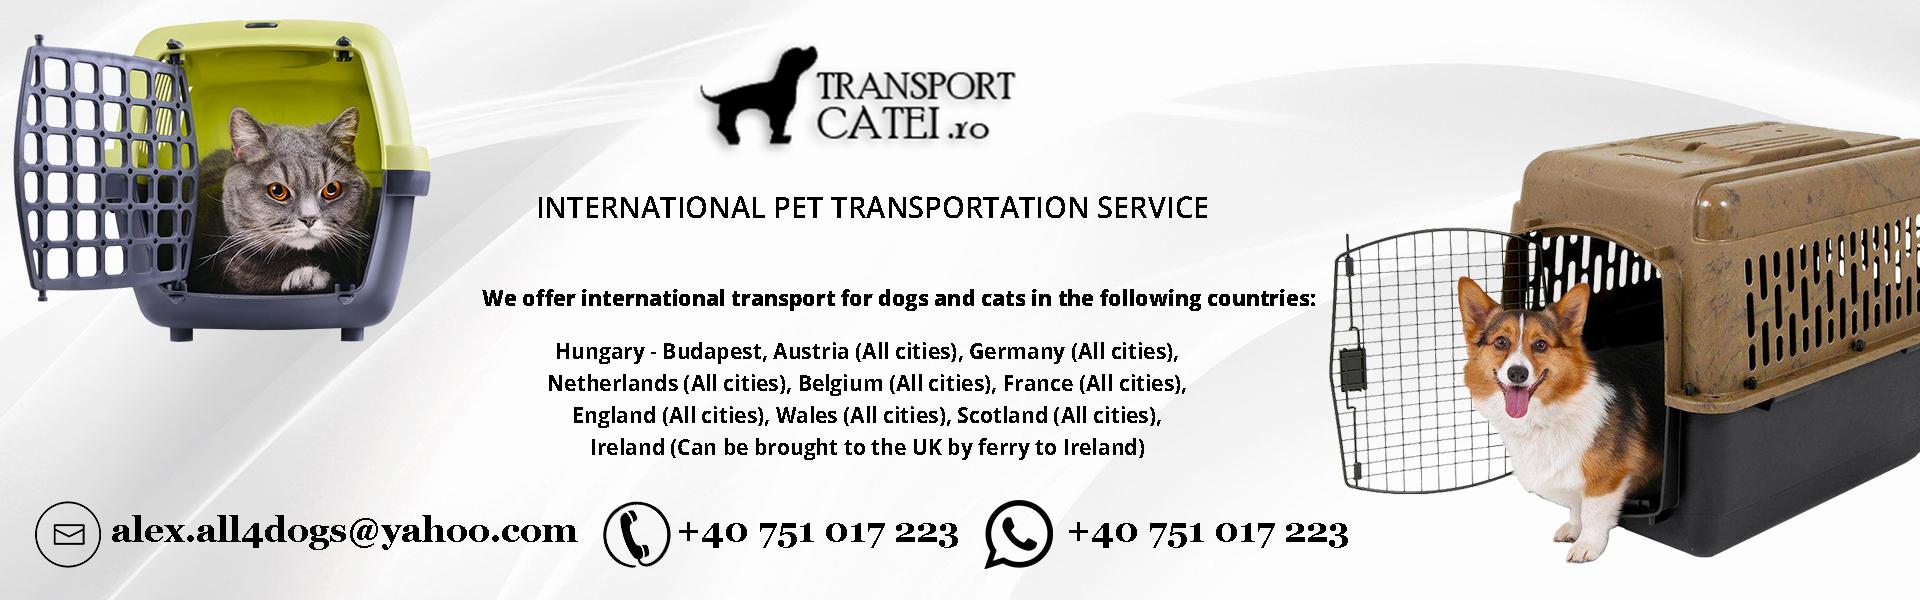 Transport animale de companie international en